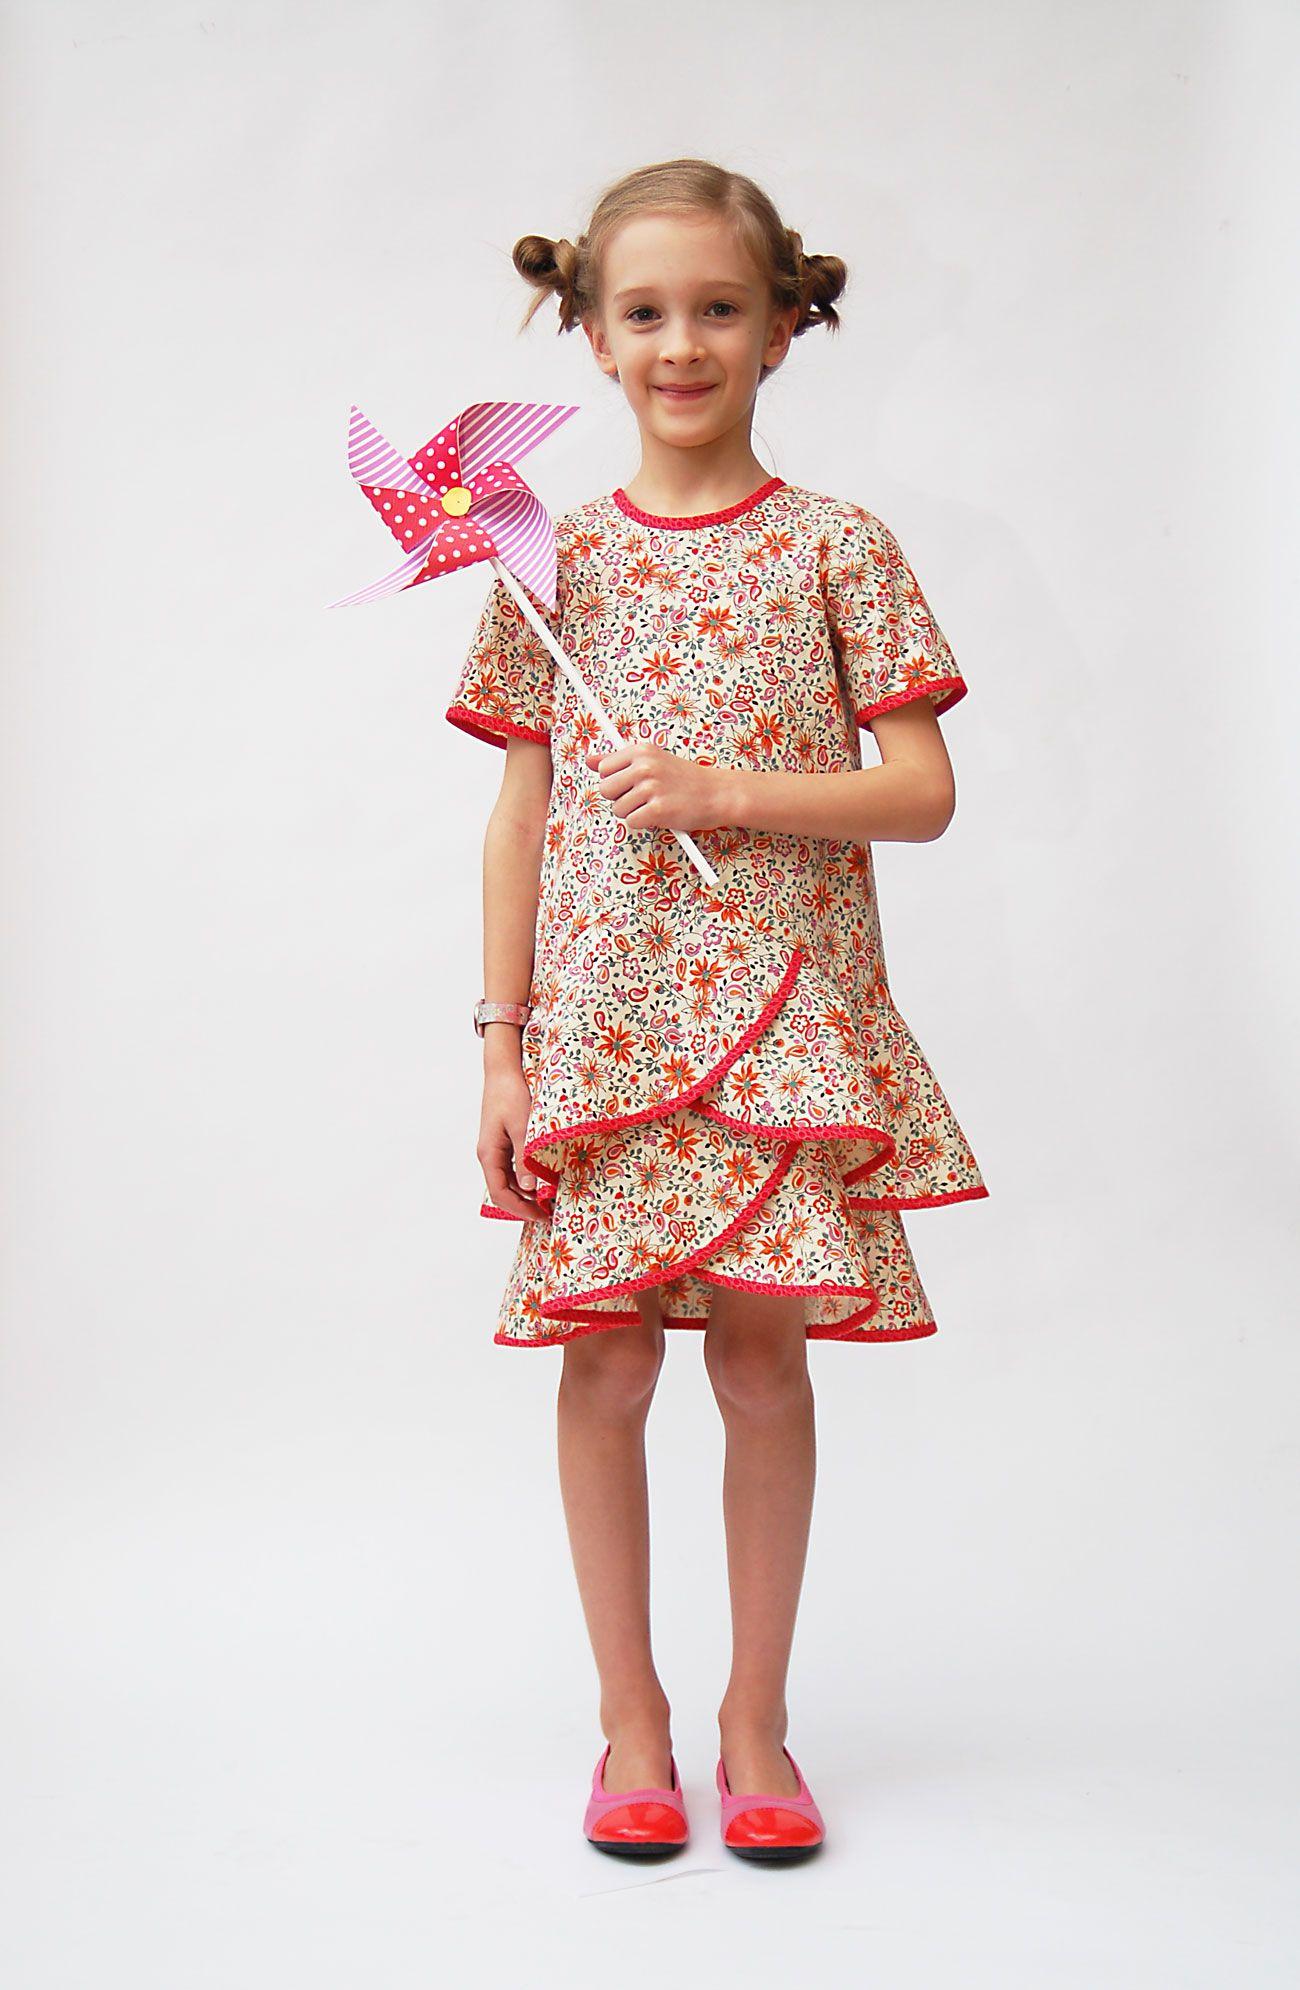 Platz für kinder, jungen und mädchen introducing the pinwheel tunic  slip dress sewing pattern